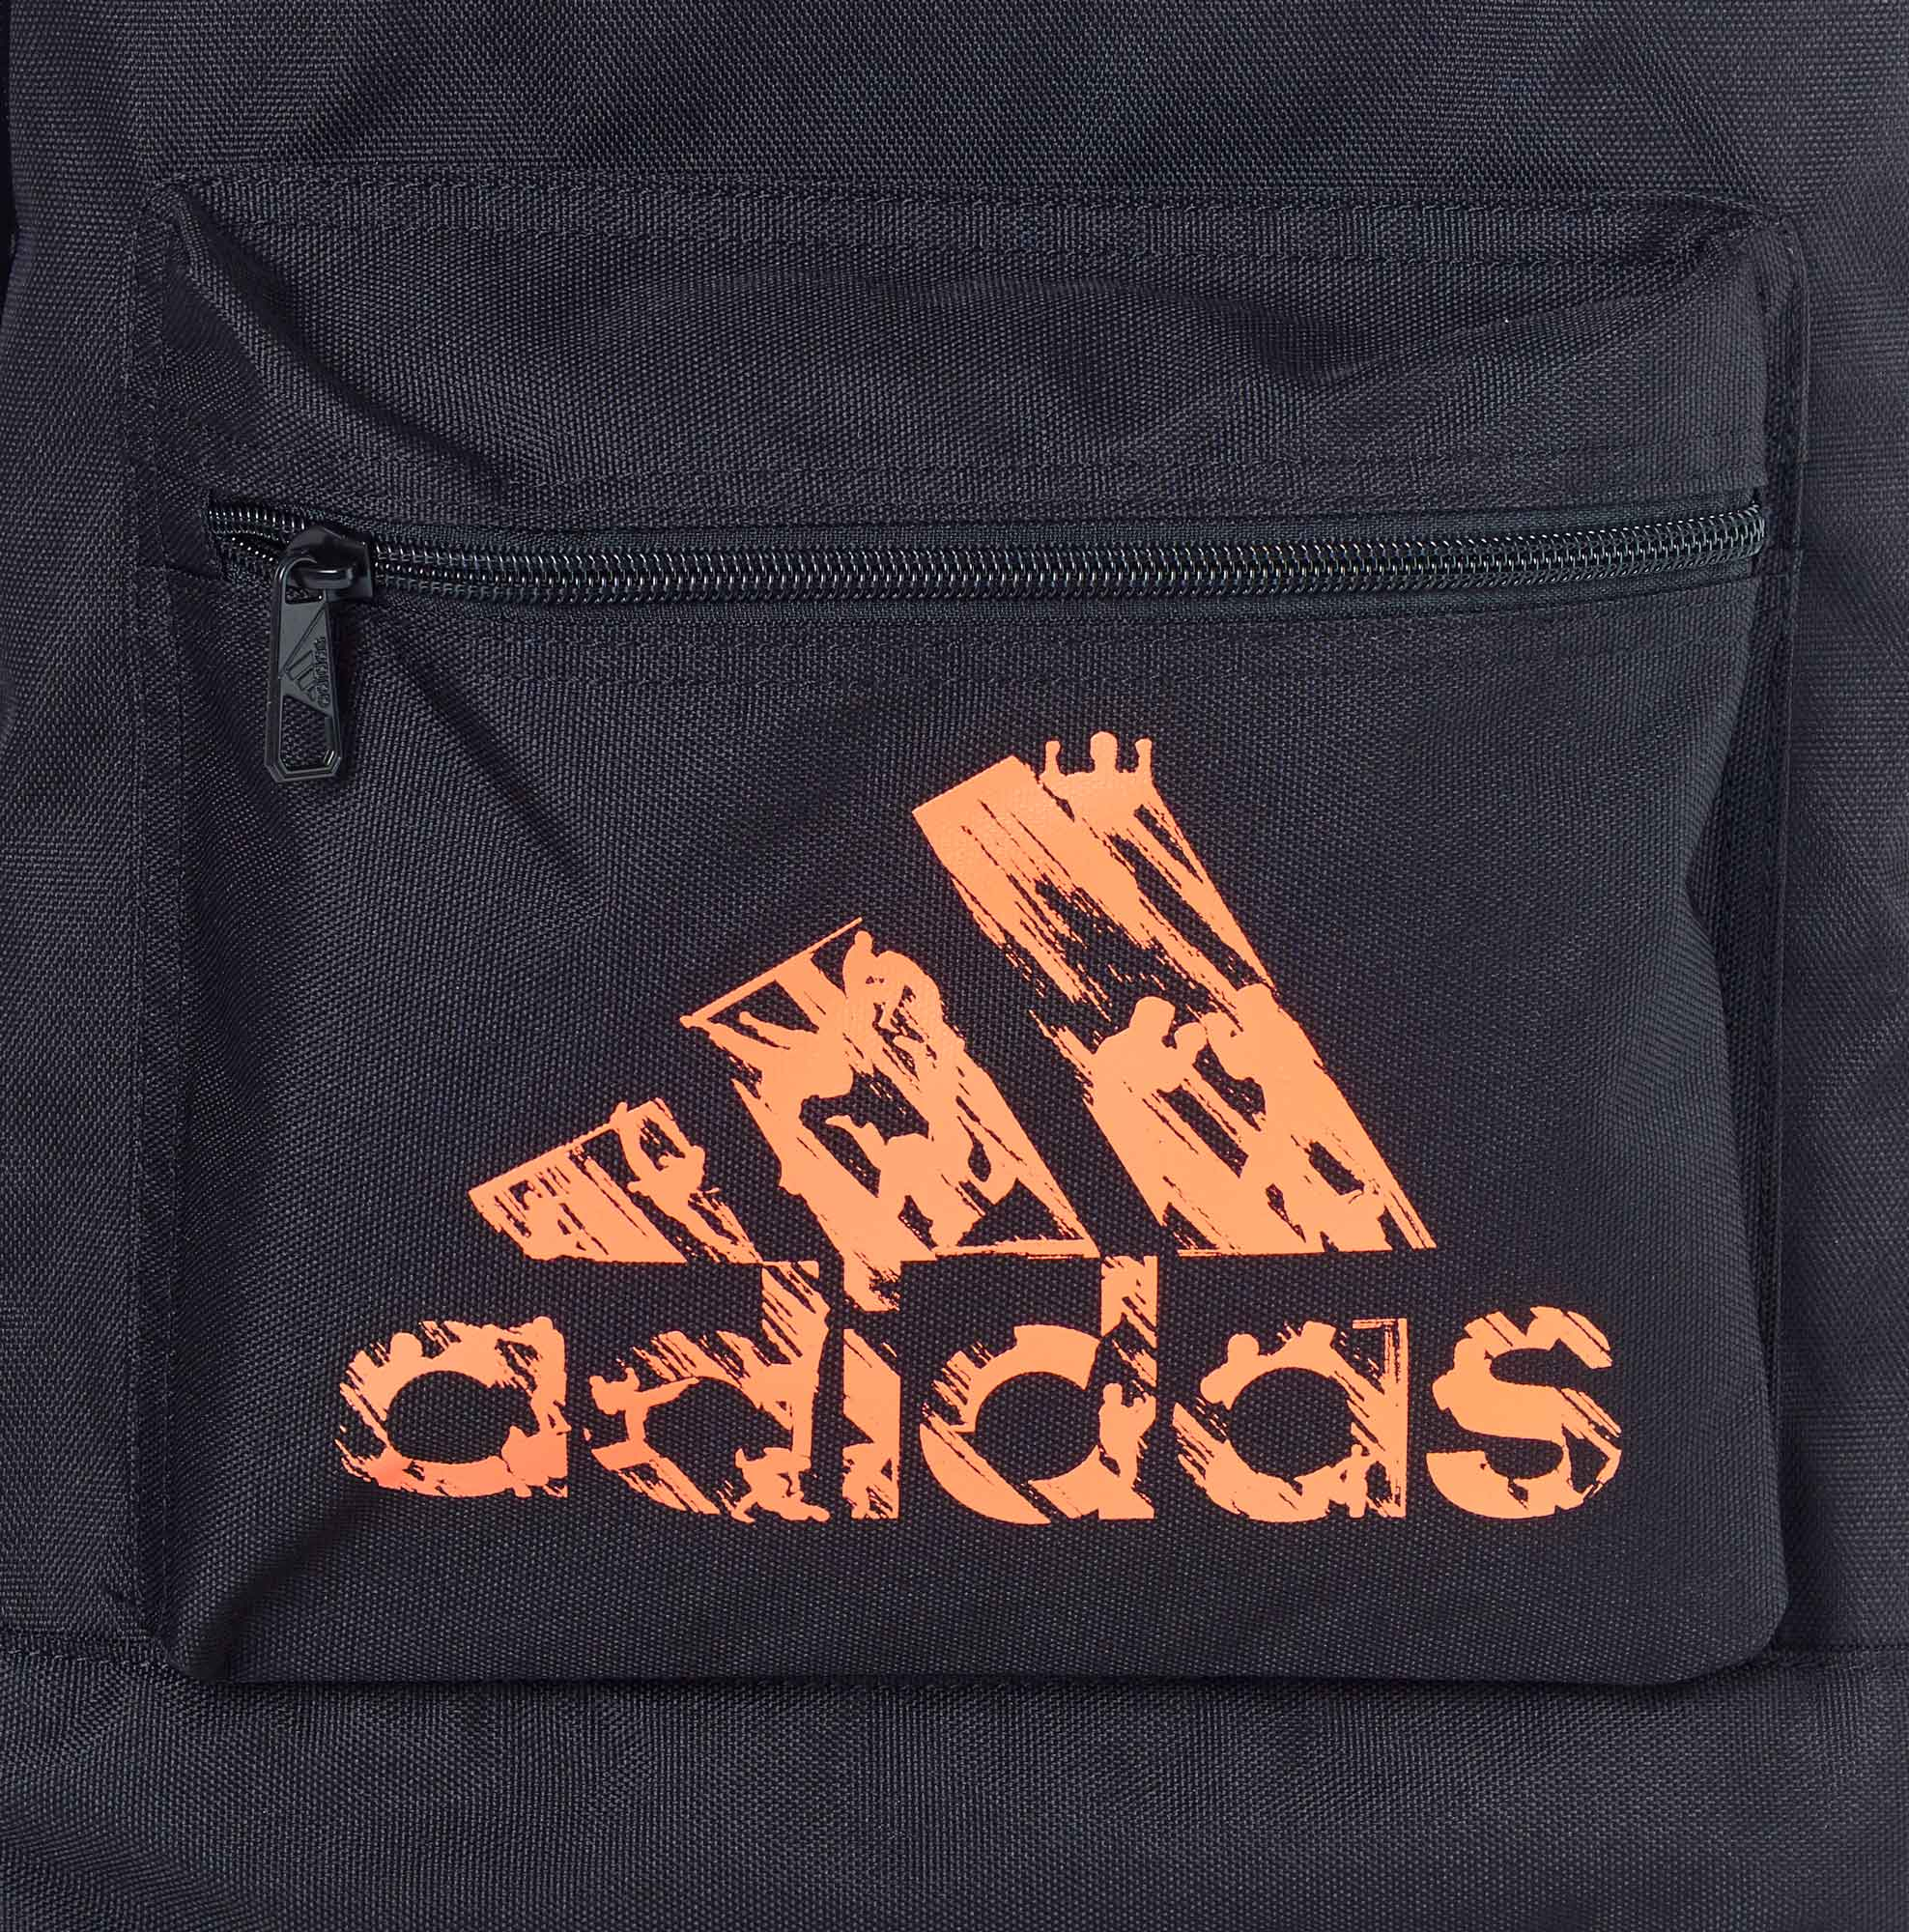 142d9c712776 Adidas Basic Back Pack Adiacc093k - Daftar Harga Terkini dan ...